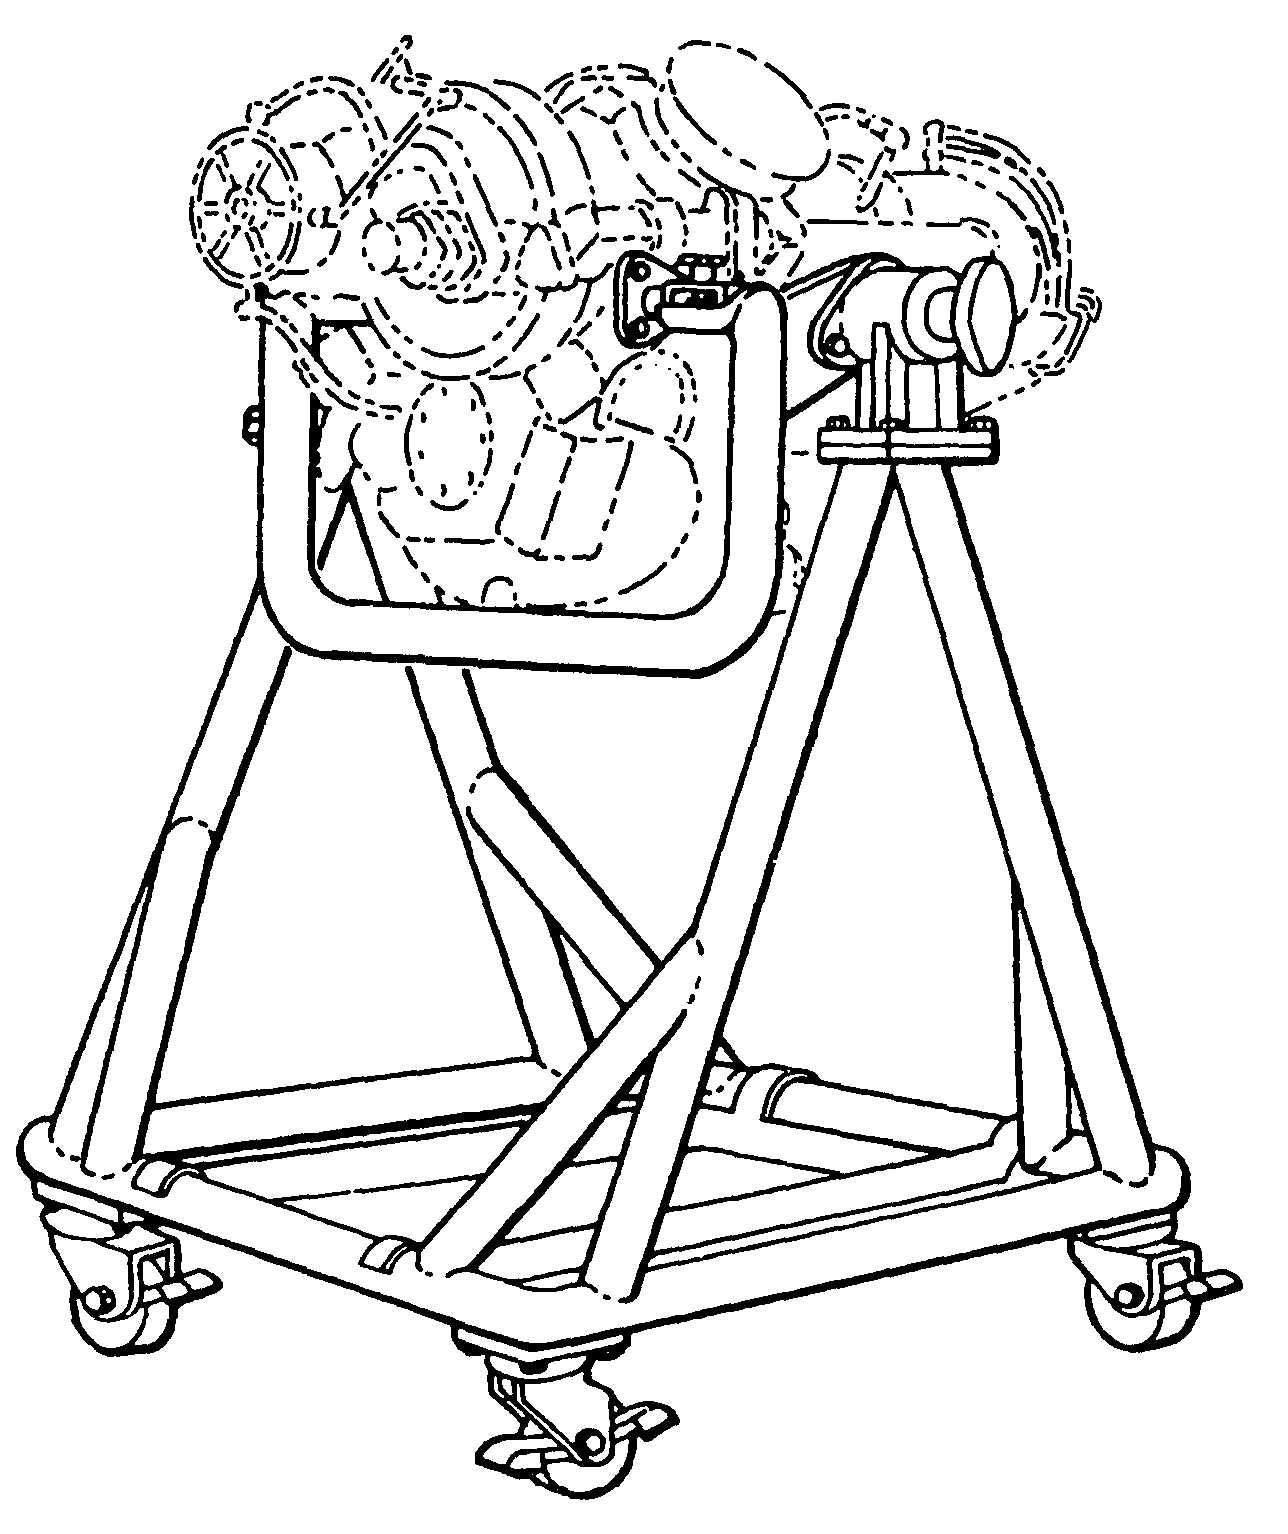 Section Ii Engine Handling